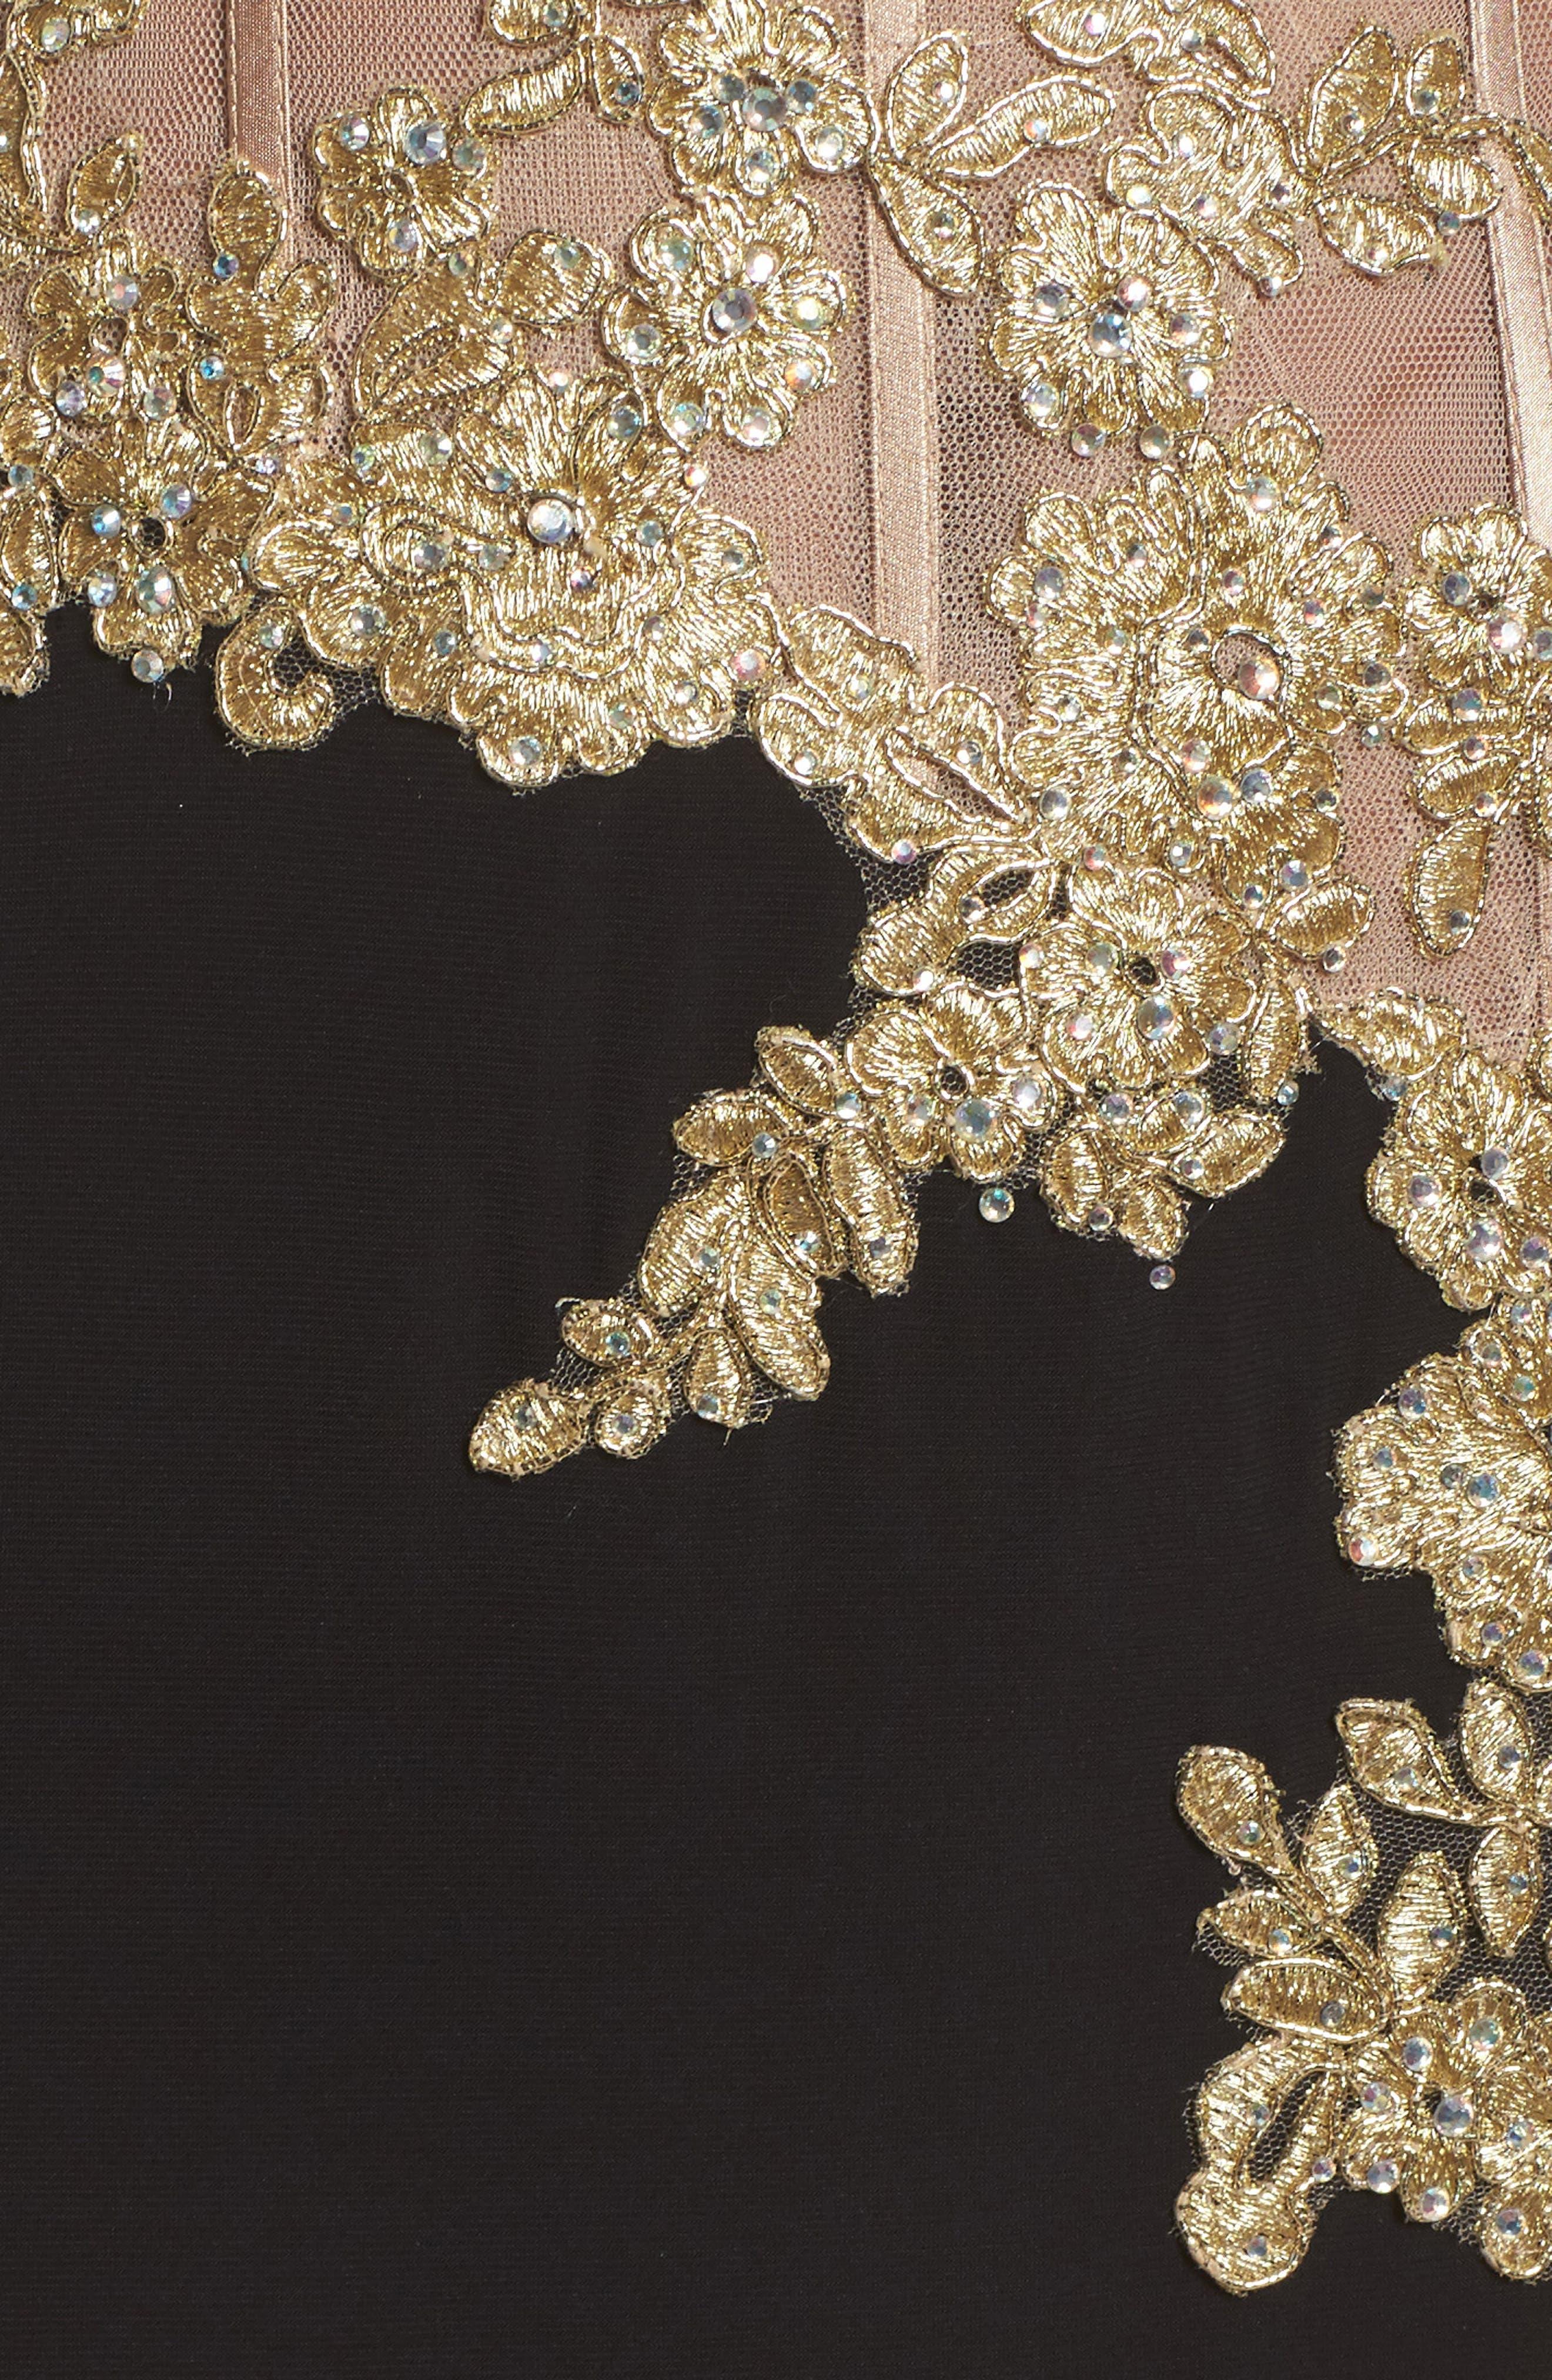 Appliqué Strapless Bustier Gown,                             Alternate thumbnail 5, color,                             GOLD/BLACK